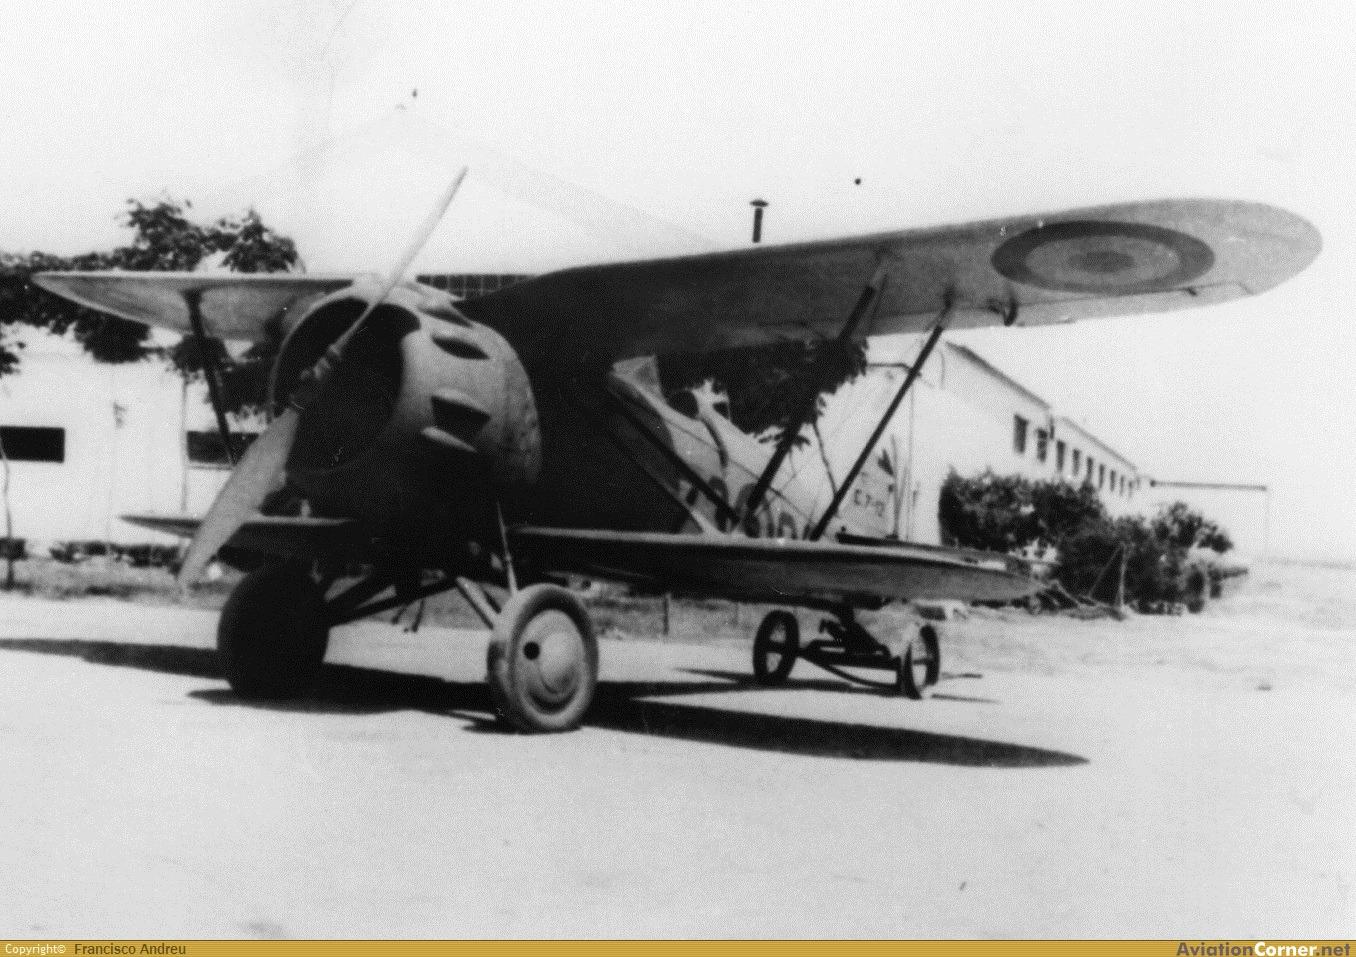 Итальянский учебно-тренировочный истребитель I.M.A.M. Ro.41